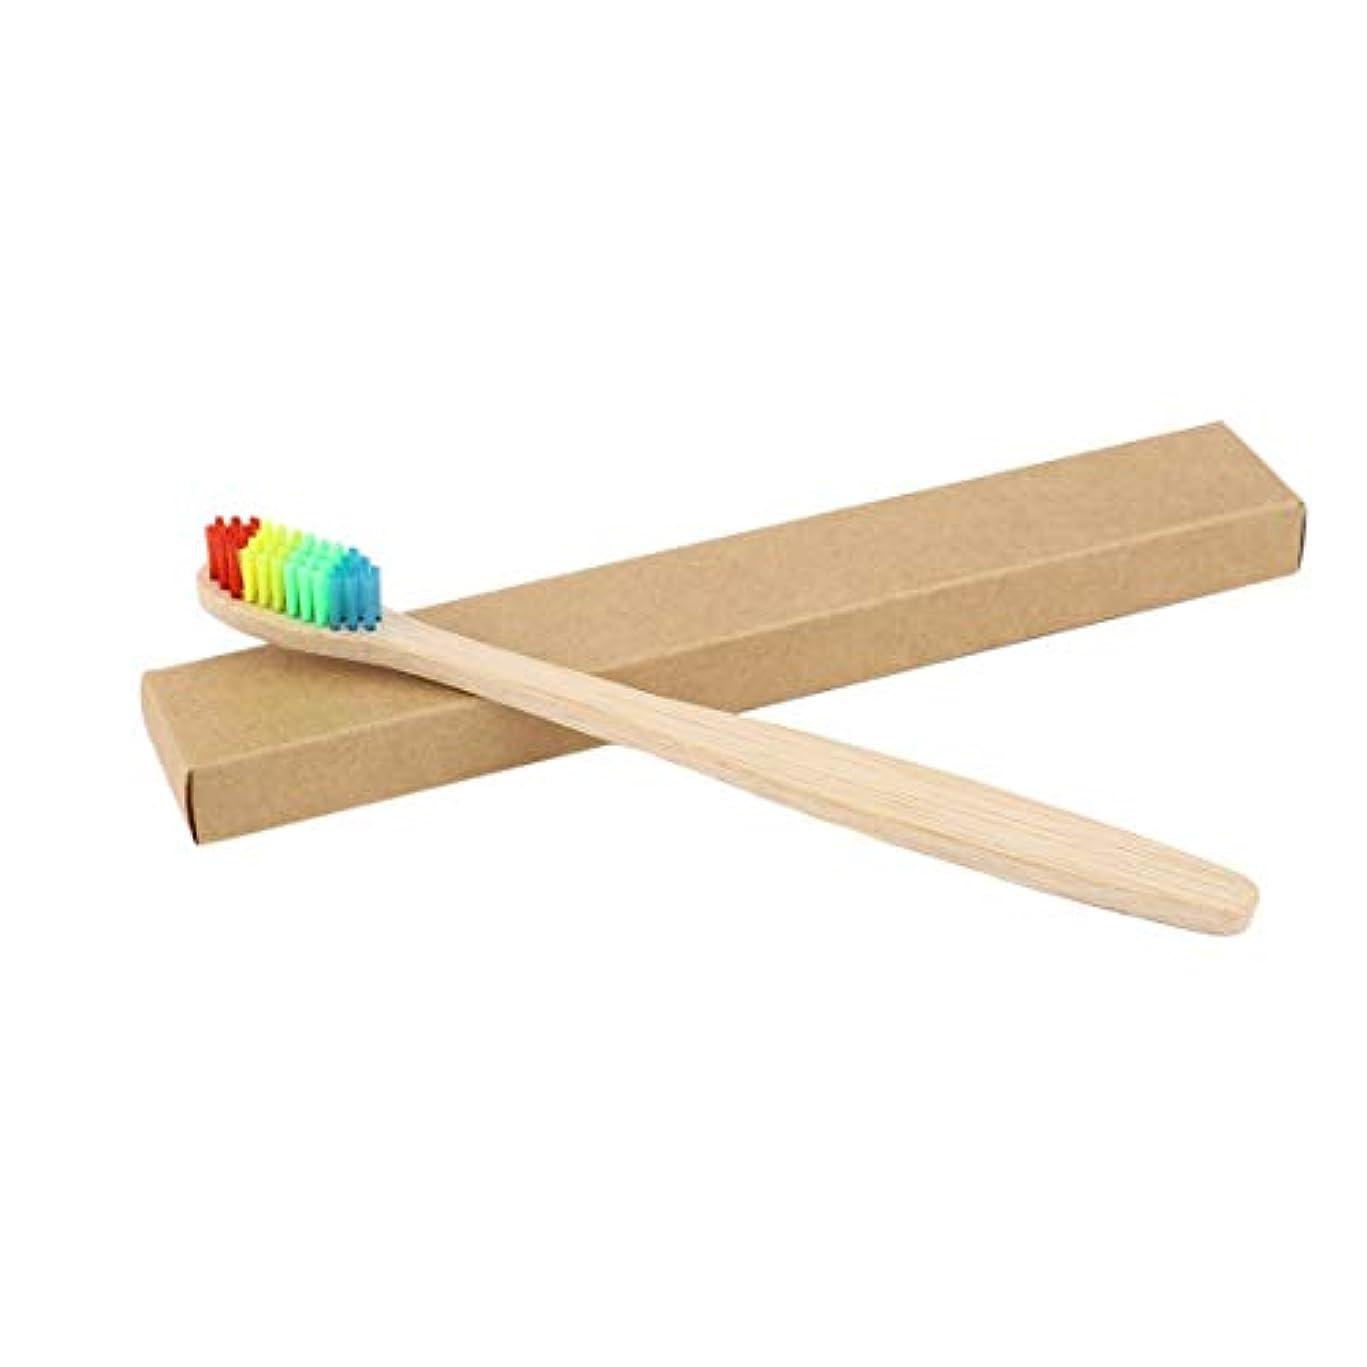 ルネッサンス息切れ願うカラフルな髪+竹のハンドル歯ブラシ環境木製の虹竹の歯ブラシオーラルケアソフト剛毛ユニセックス - ウッドカラー+カラフル